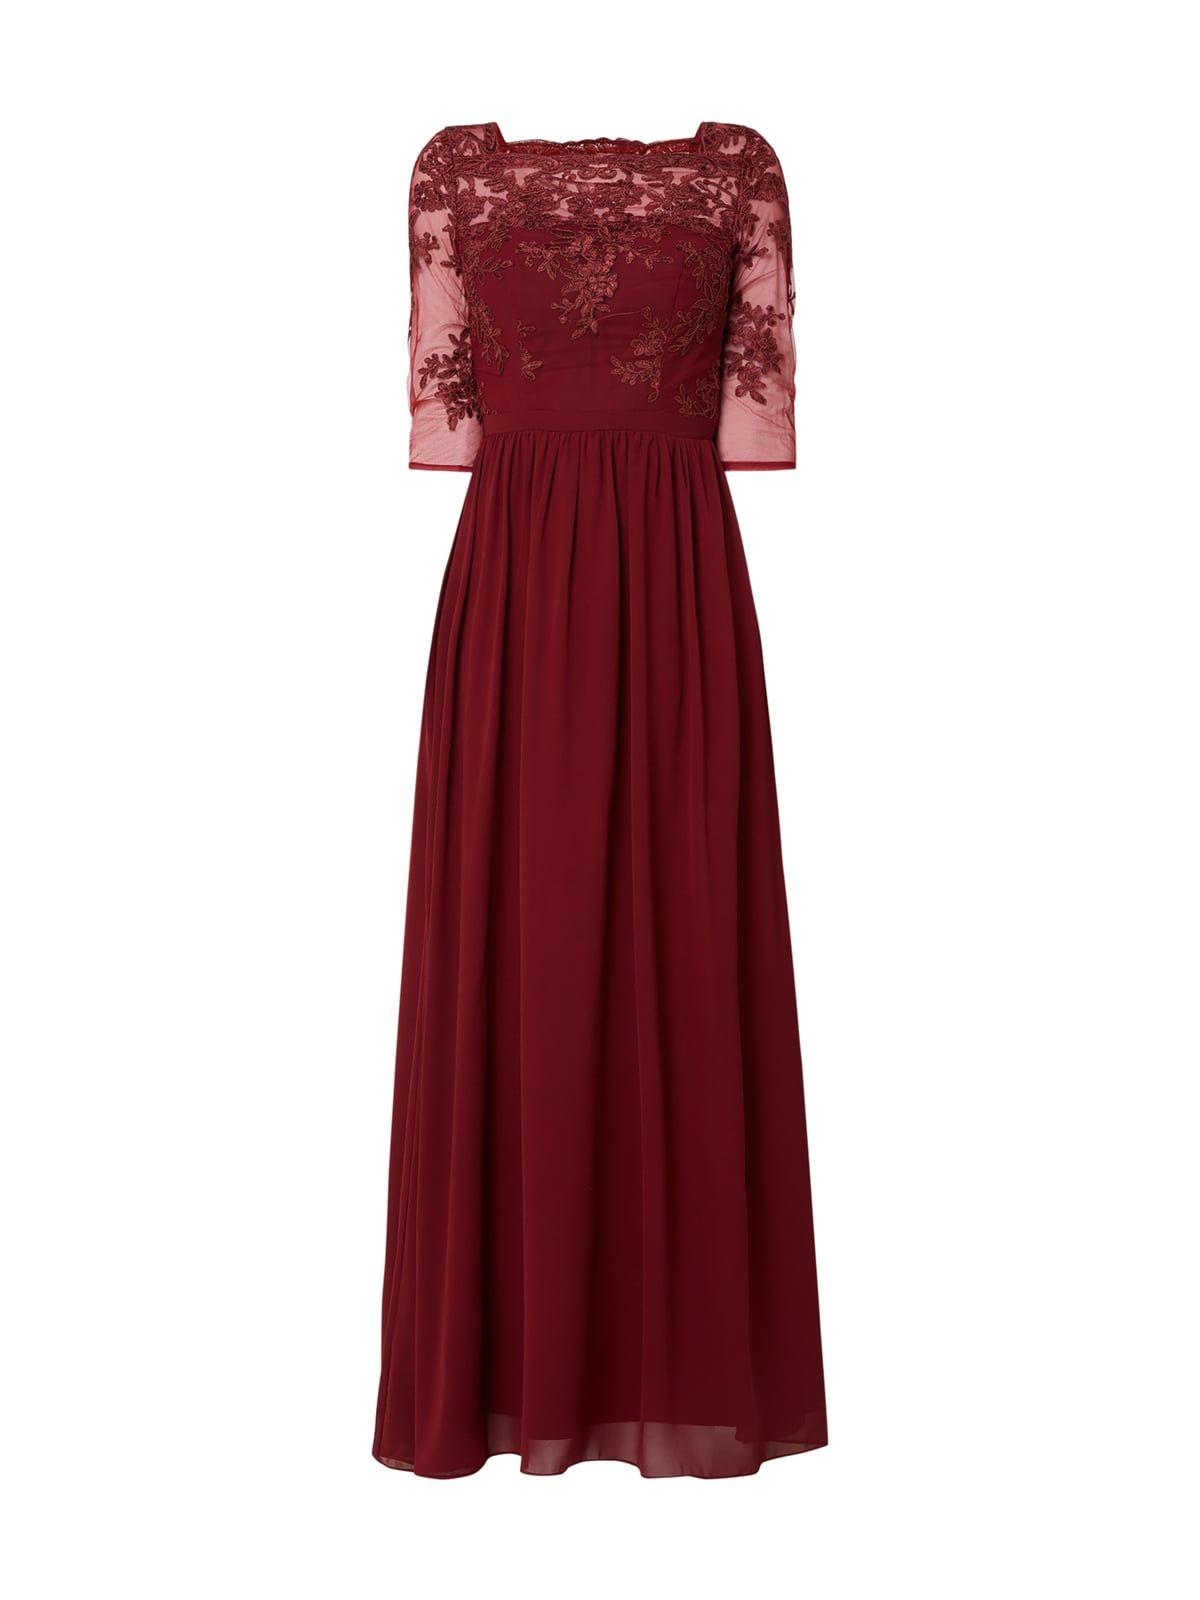 13 Einfach Abendkleid P&C GalerieAbend Genial Abendkleid P&C Spezialgebiet